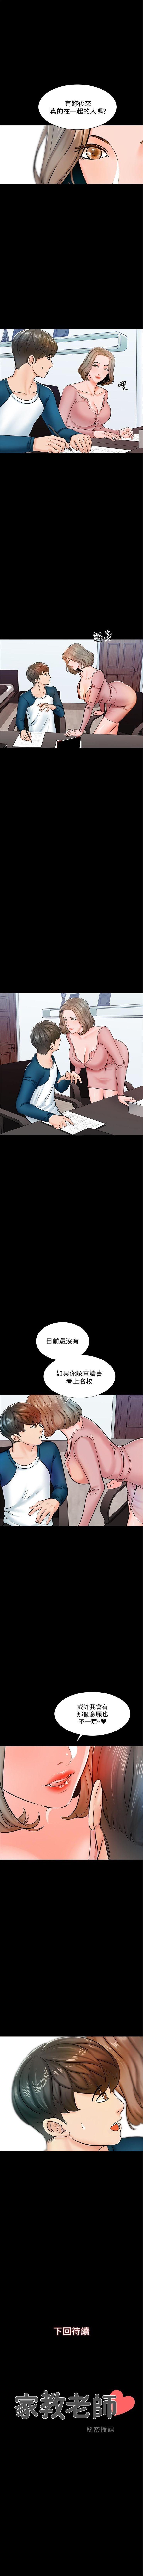 (週1)家教老師  1-21 中文翻譯(更新中) 96